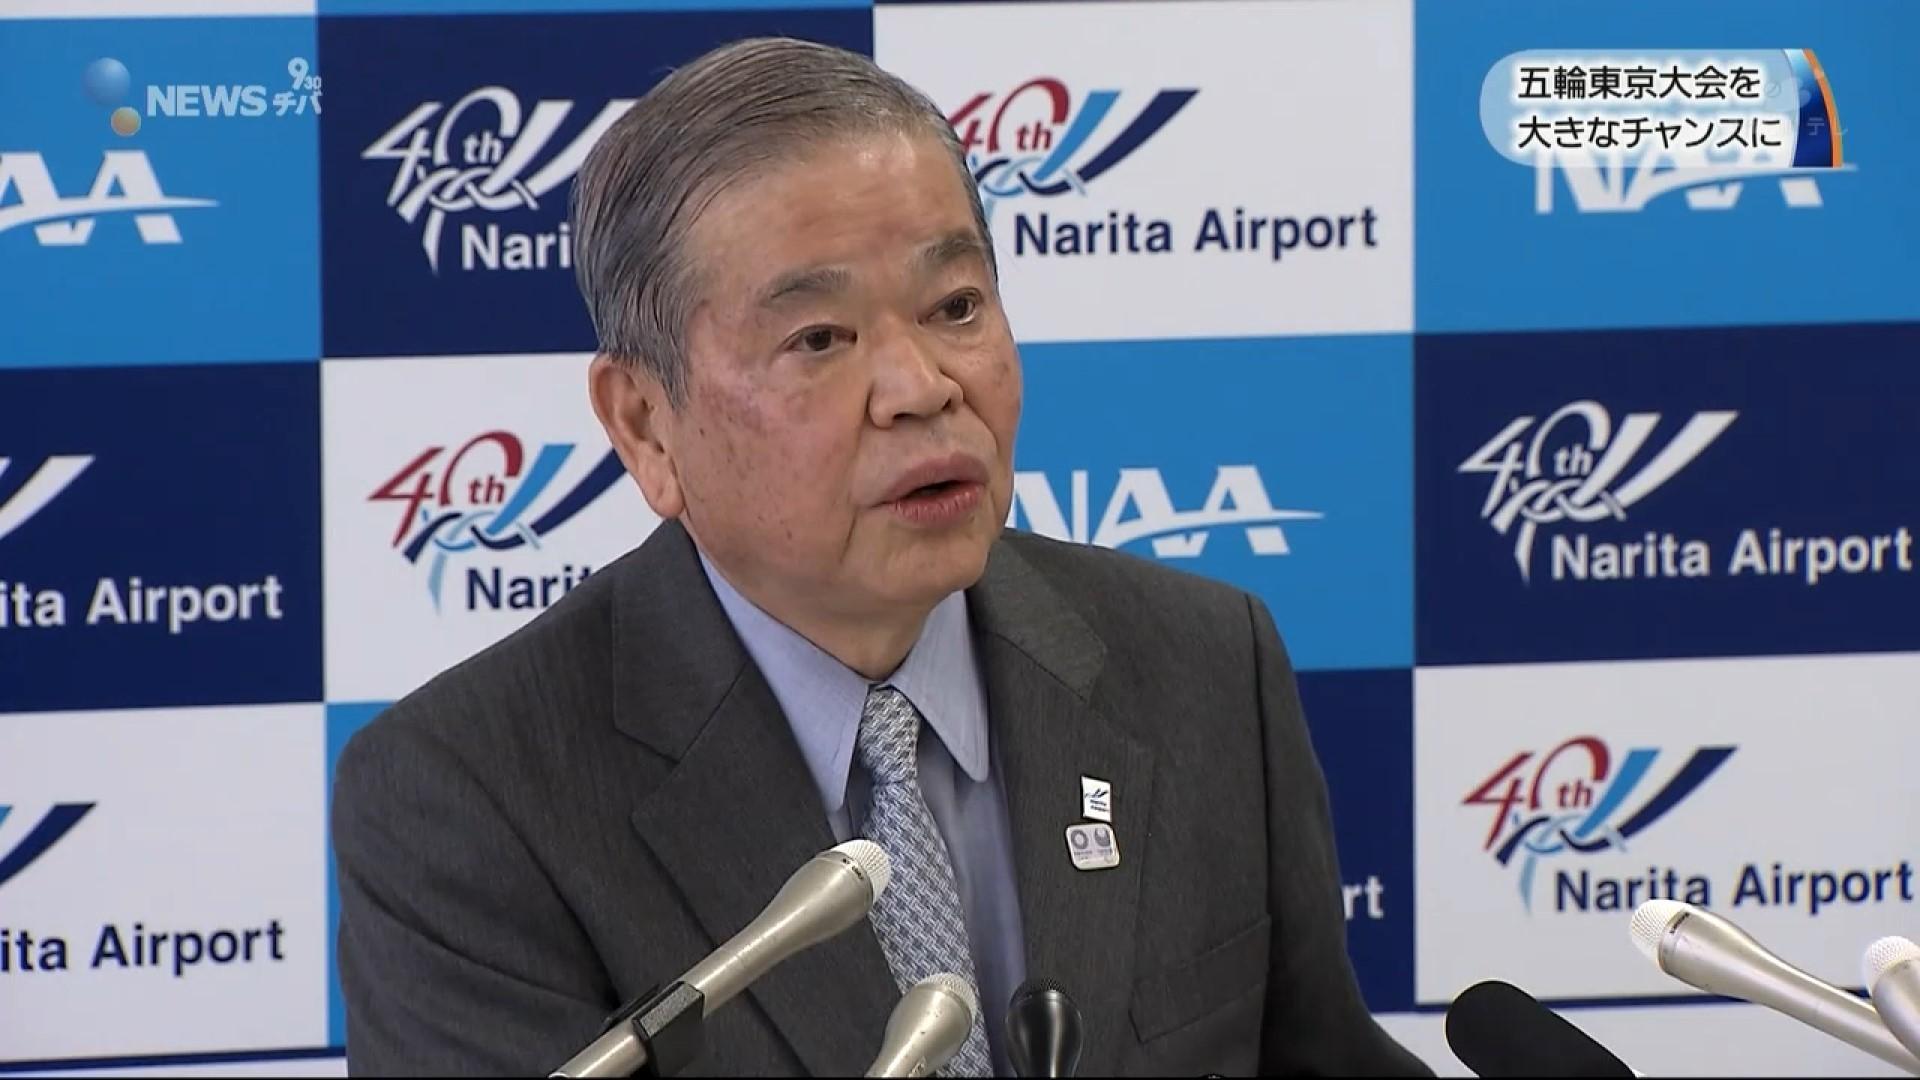 成田空港会社夏目社長 空港機能強化の必要性を改めて強調